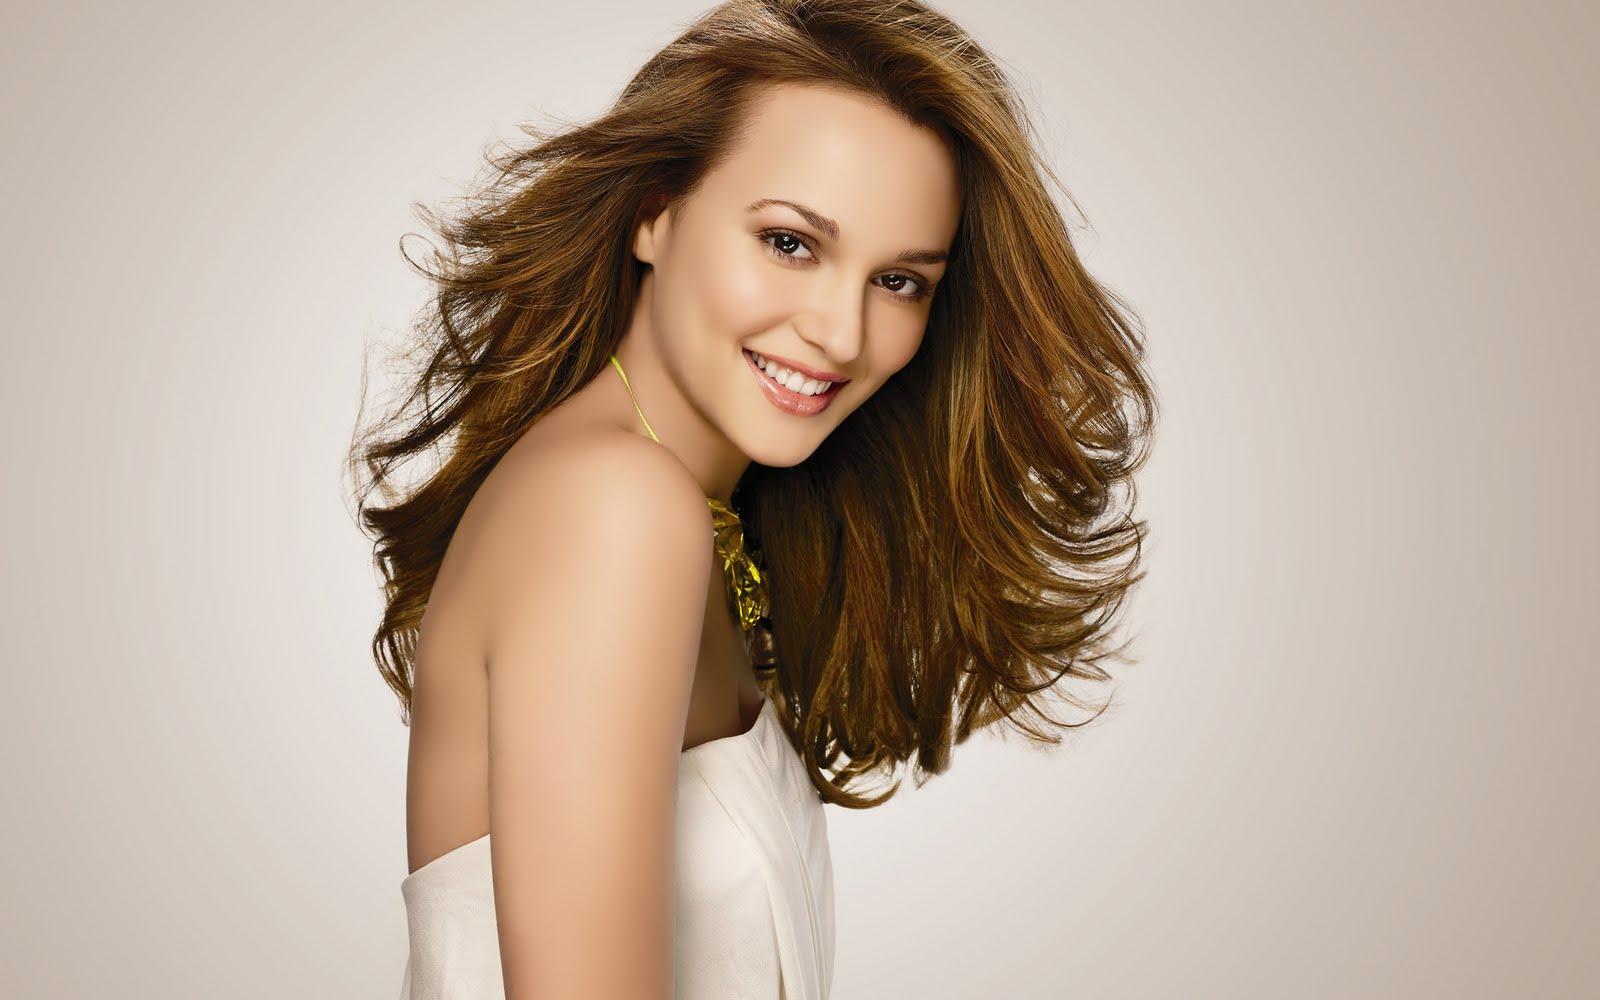 Beautiful hollywood girls actress celebrities wallpapers - Hollywood desktop wallpapers actresses ...